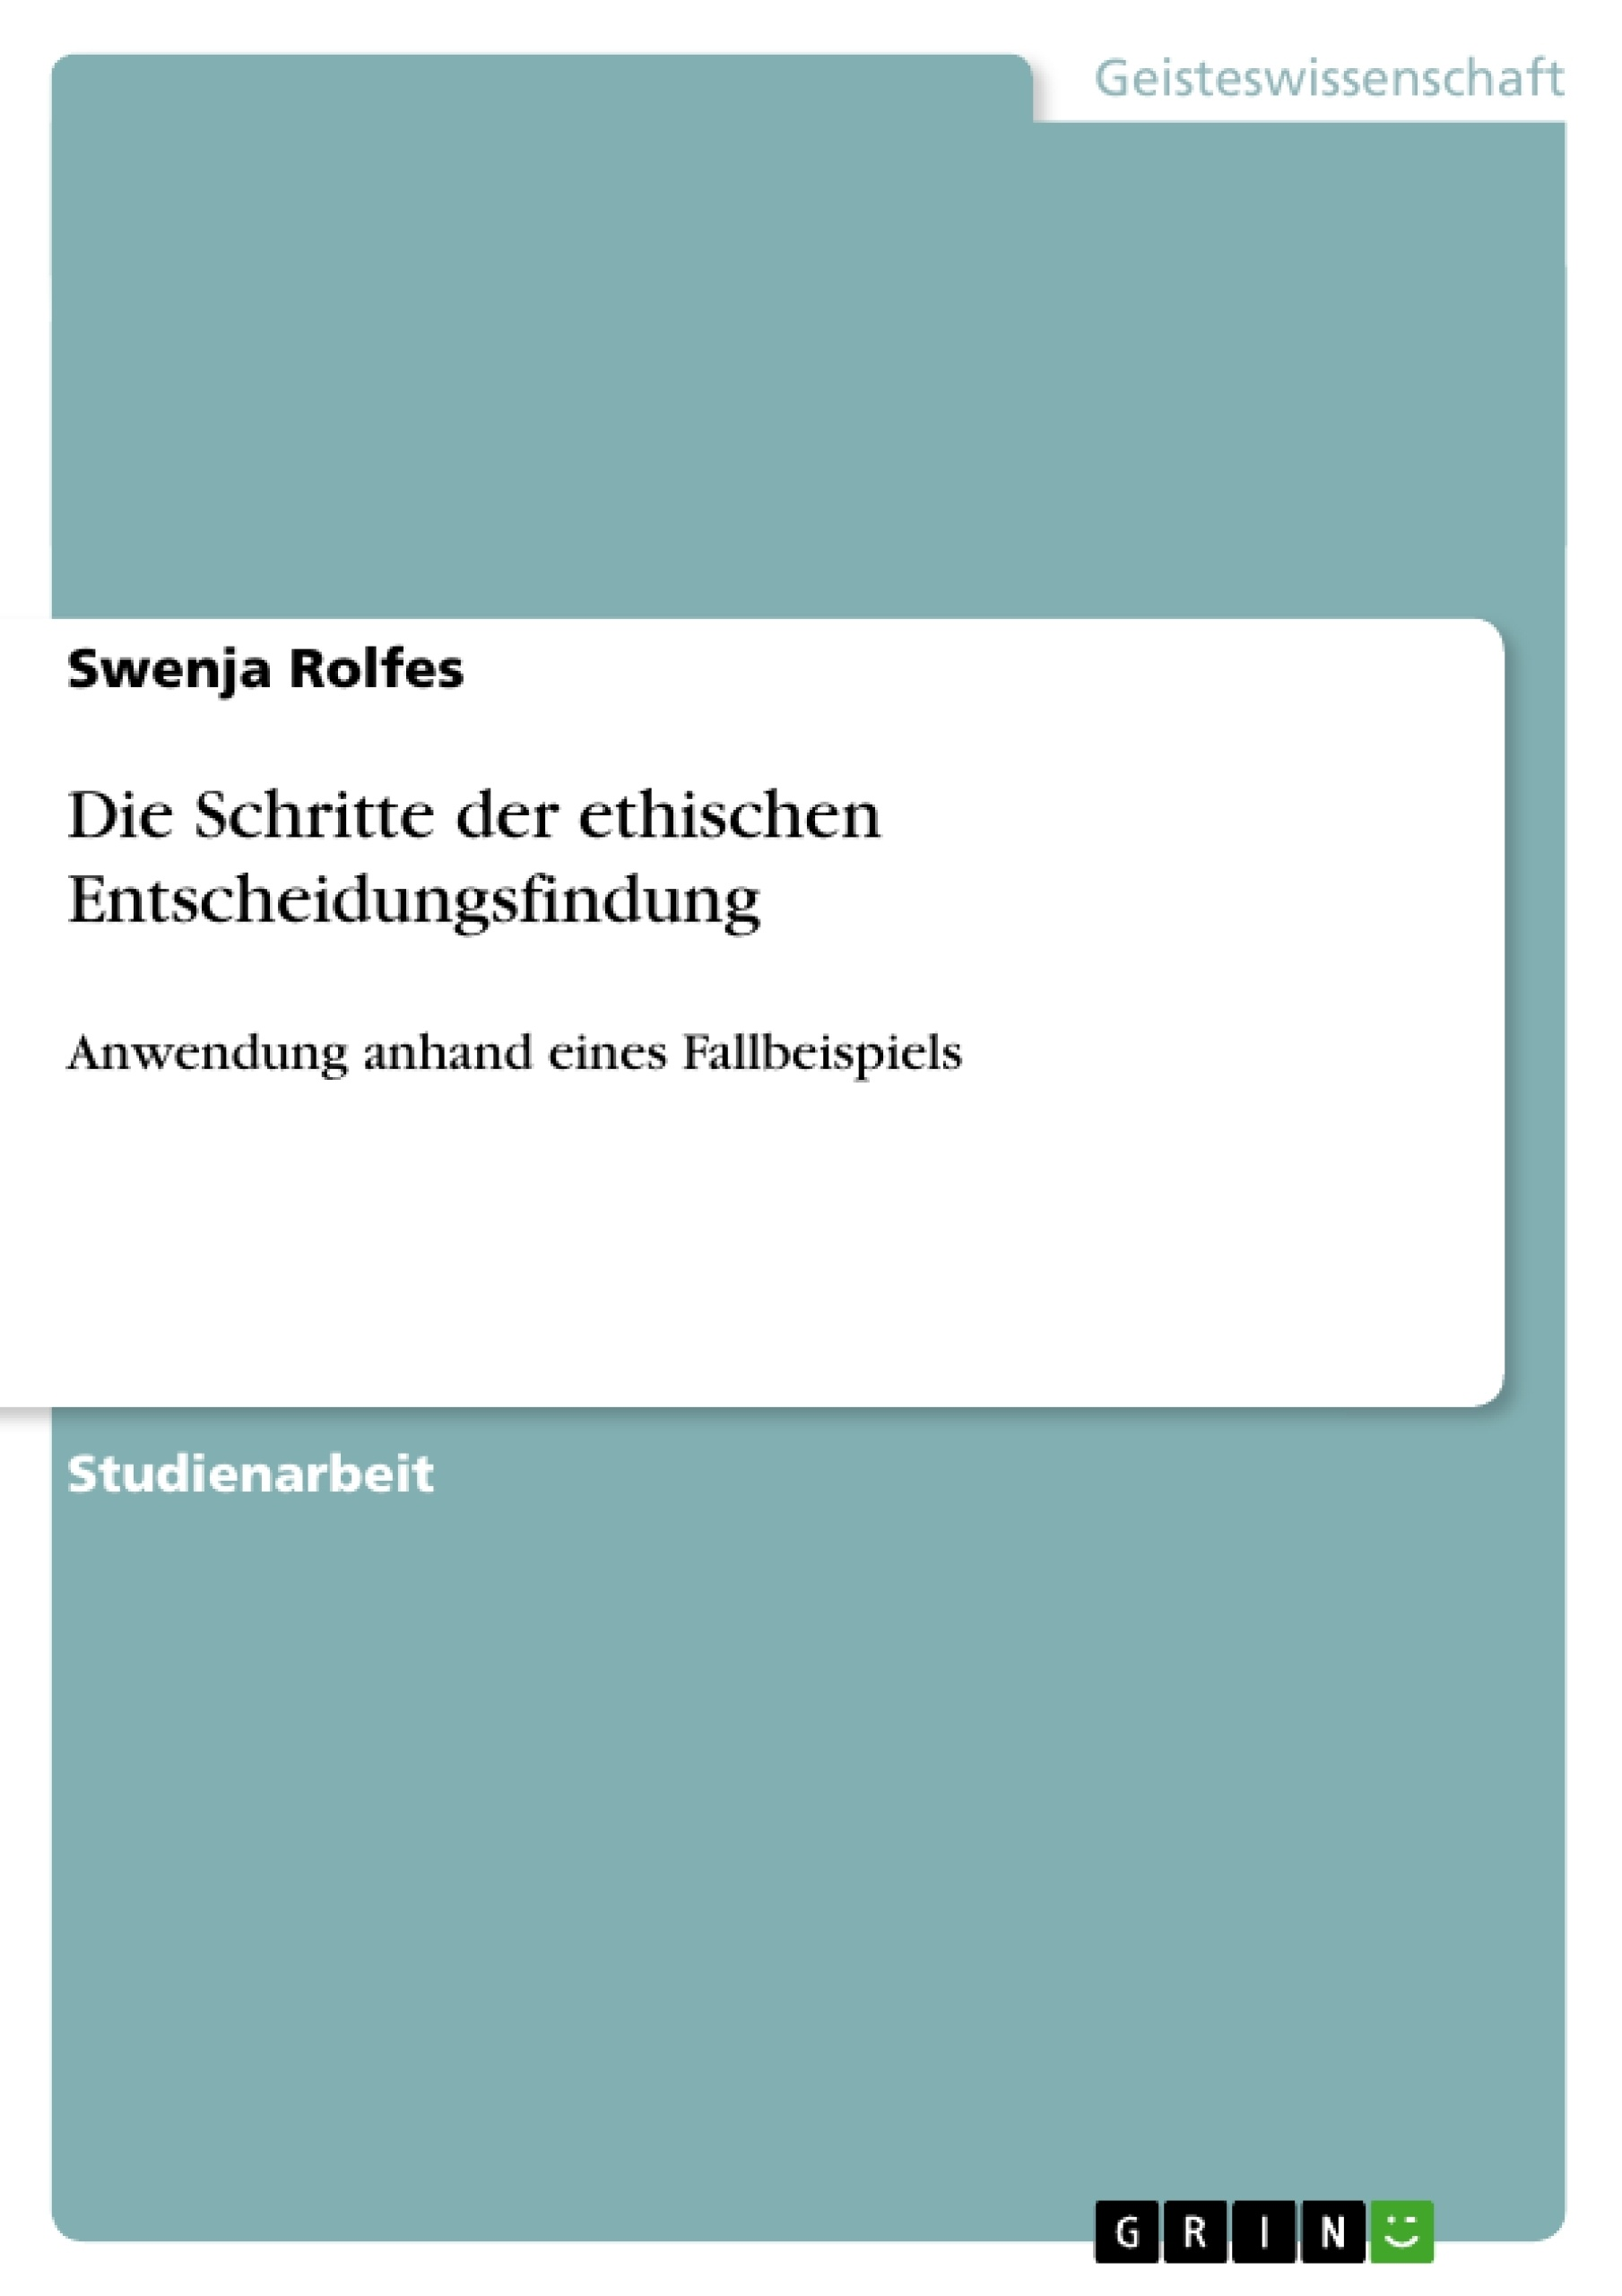 Titel: Die Schritte der ethischen Entscheidungsfindung